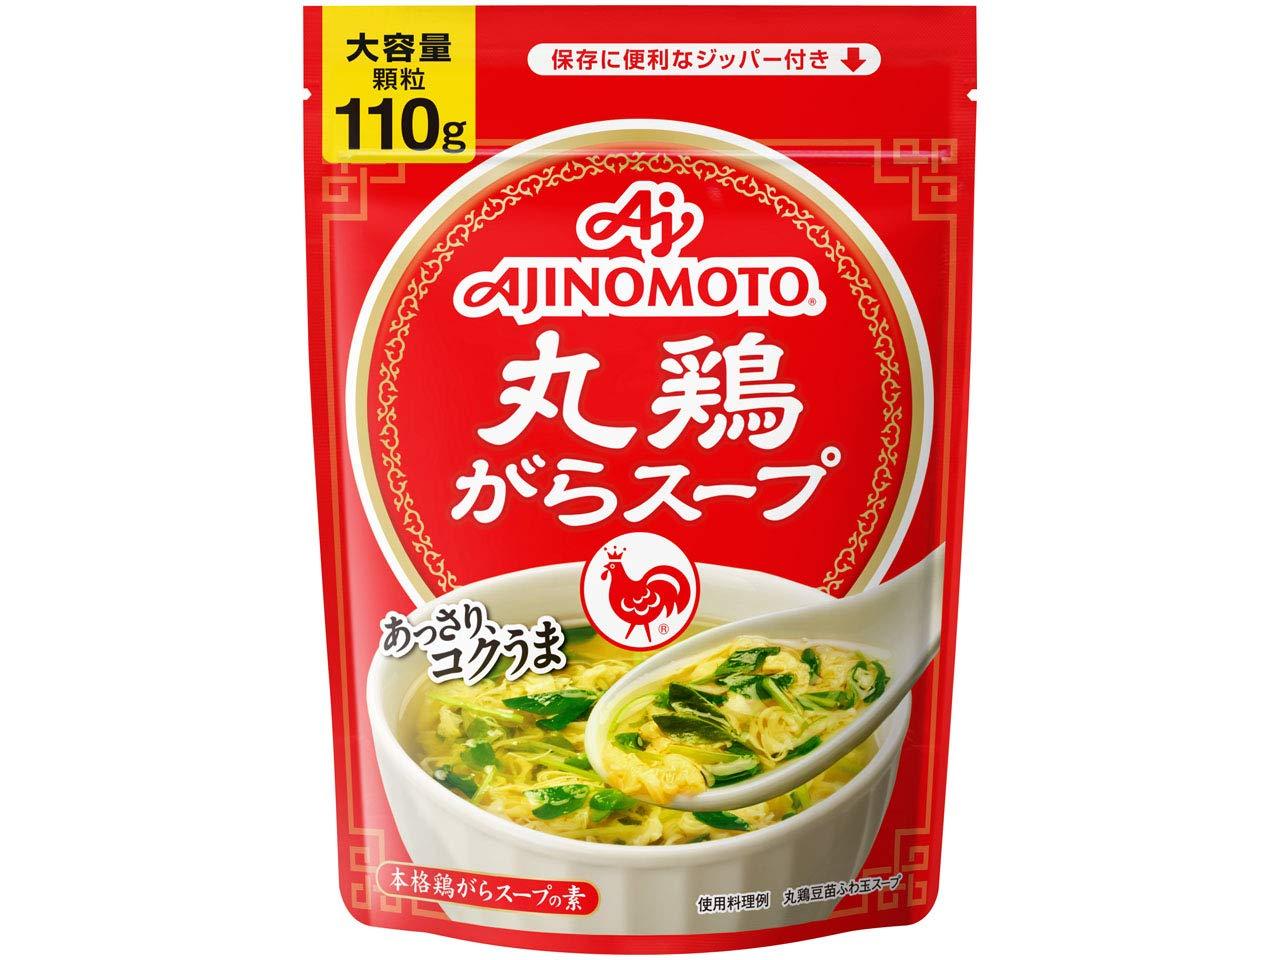 Ajinomoto round chicken stock 110g bag X2 pieces [Parallel import]